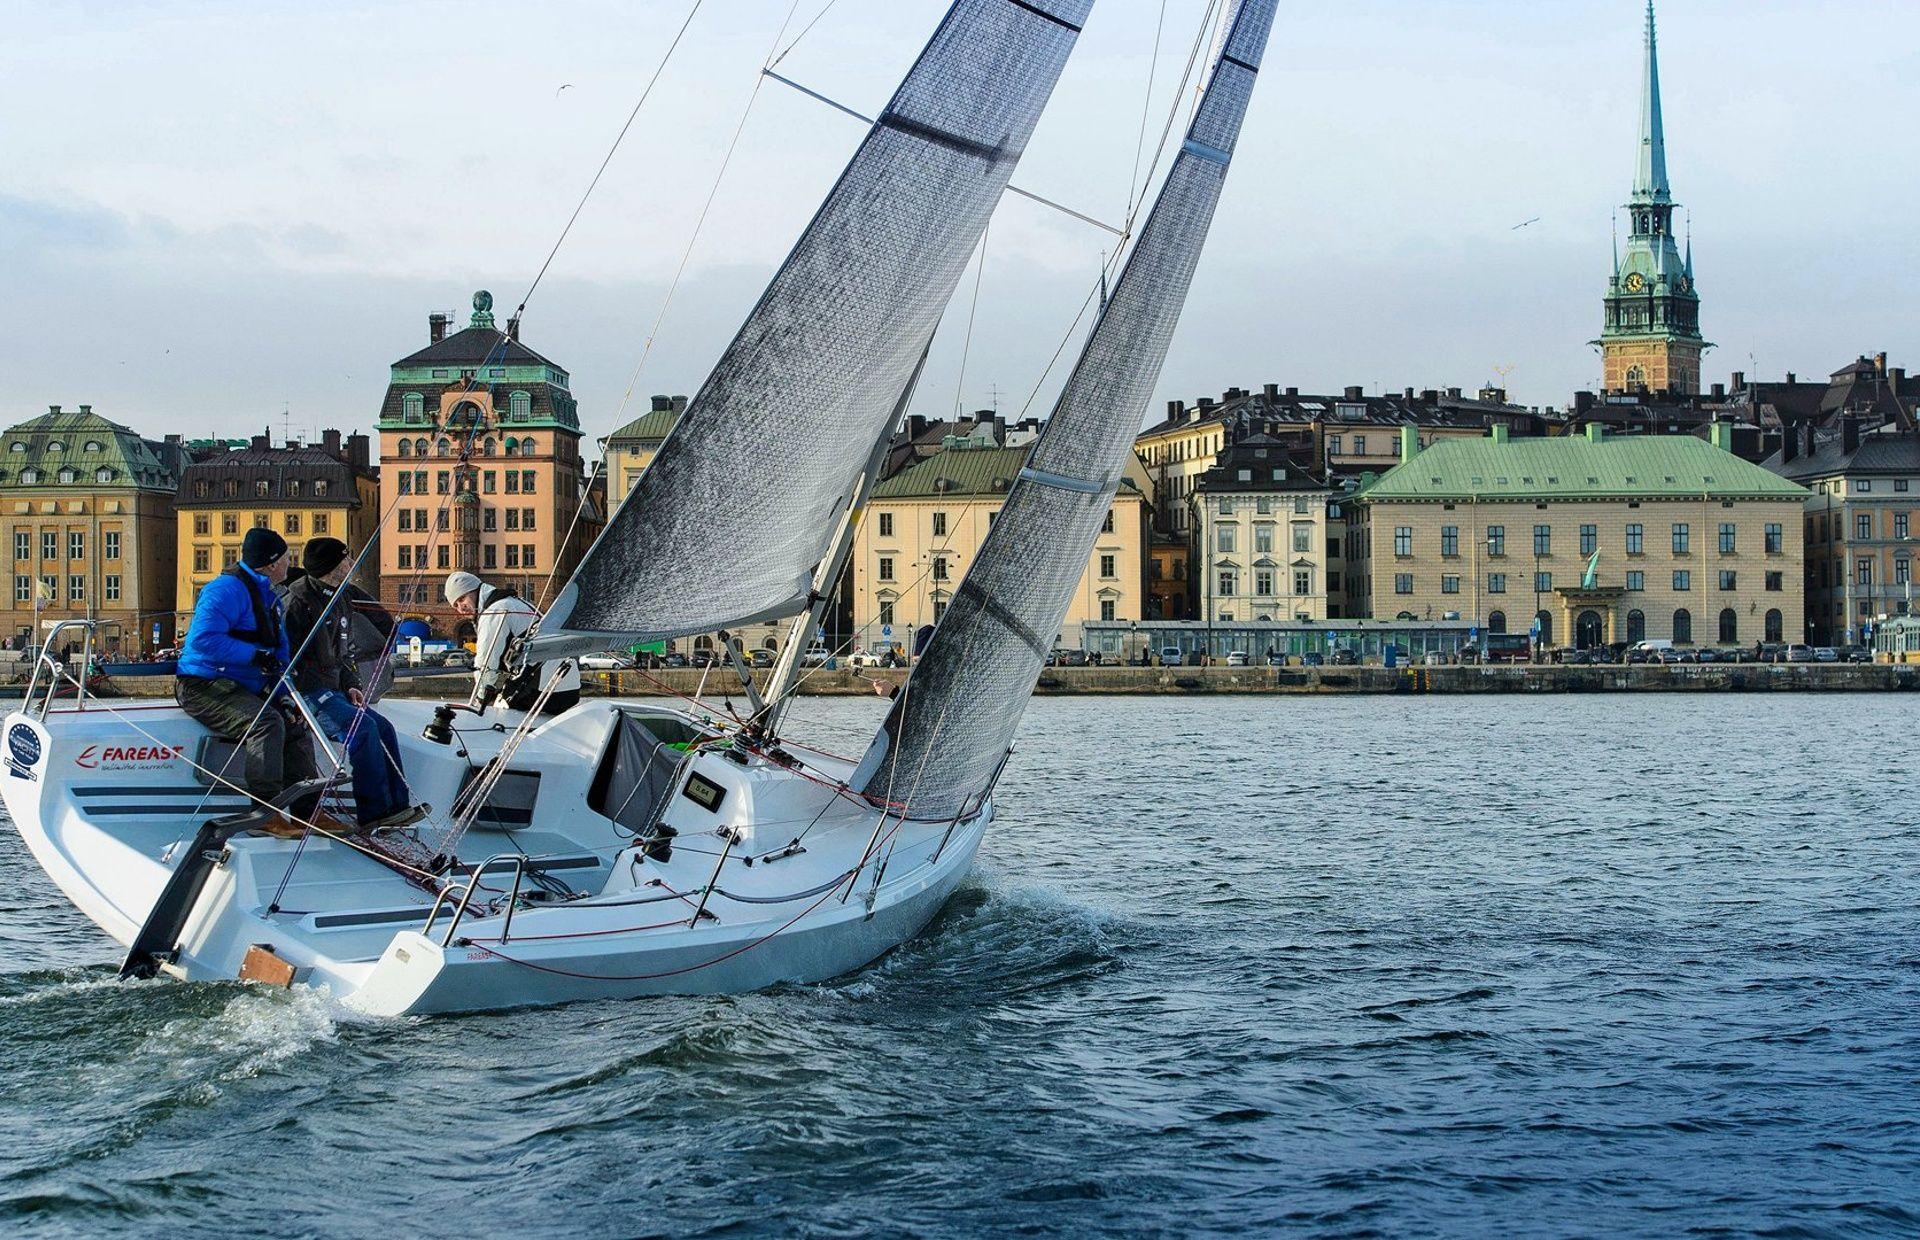 https://media.insailing.com/boat/fareast-2/image_1569954090528.jpg